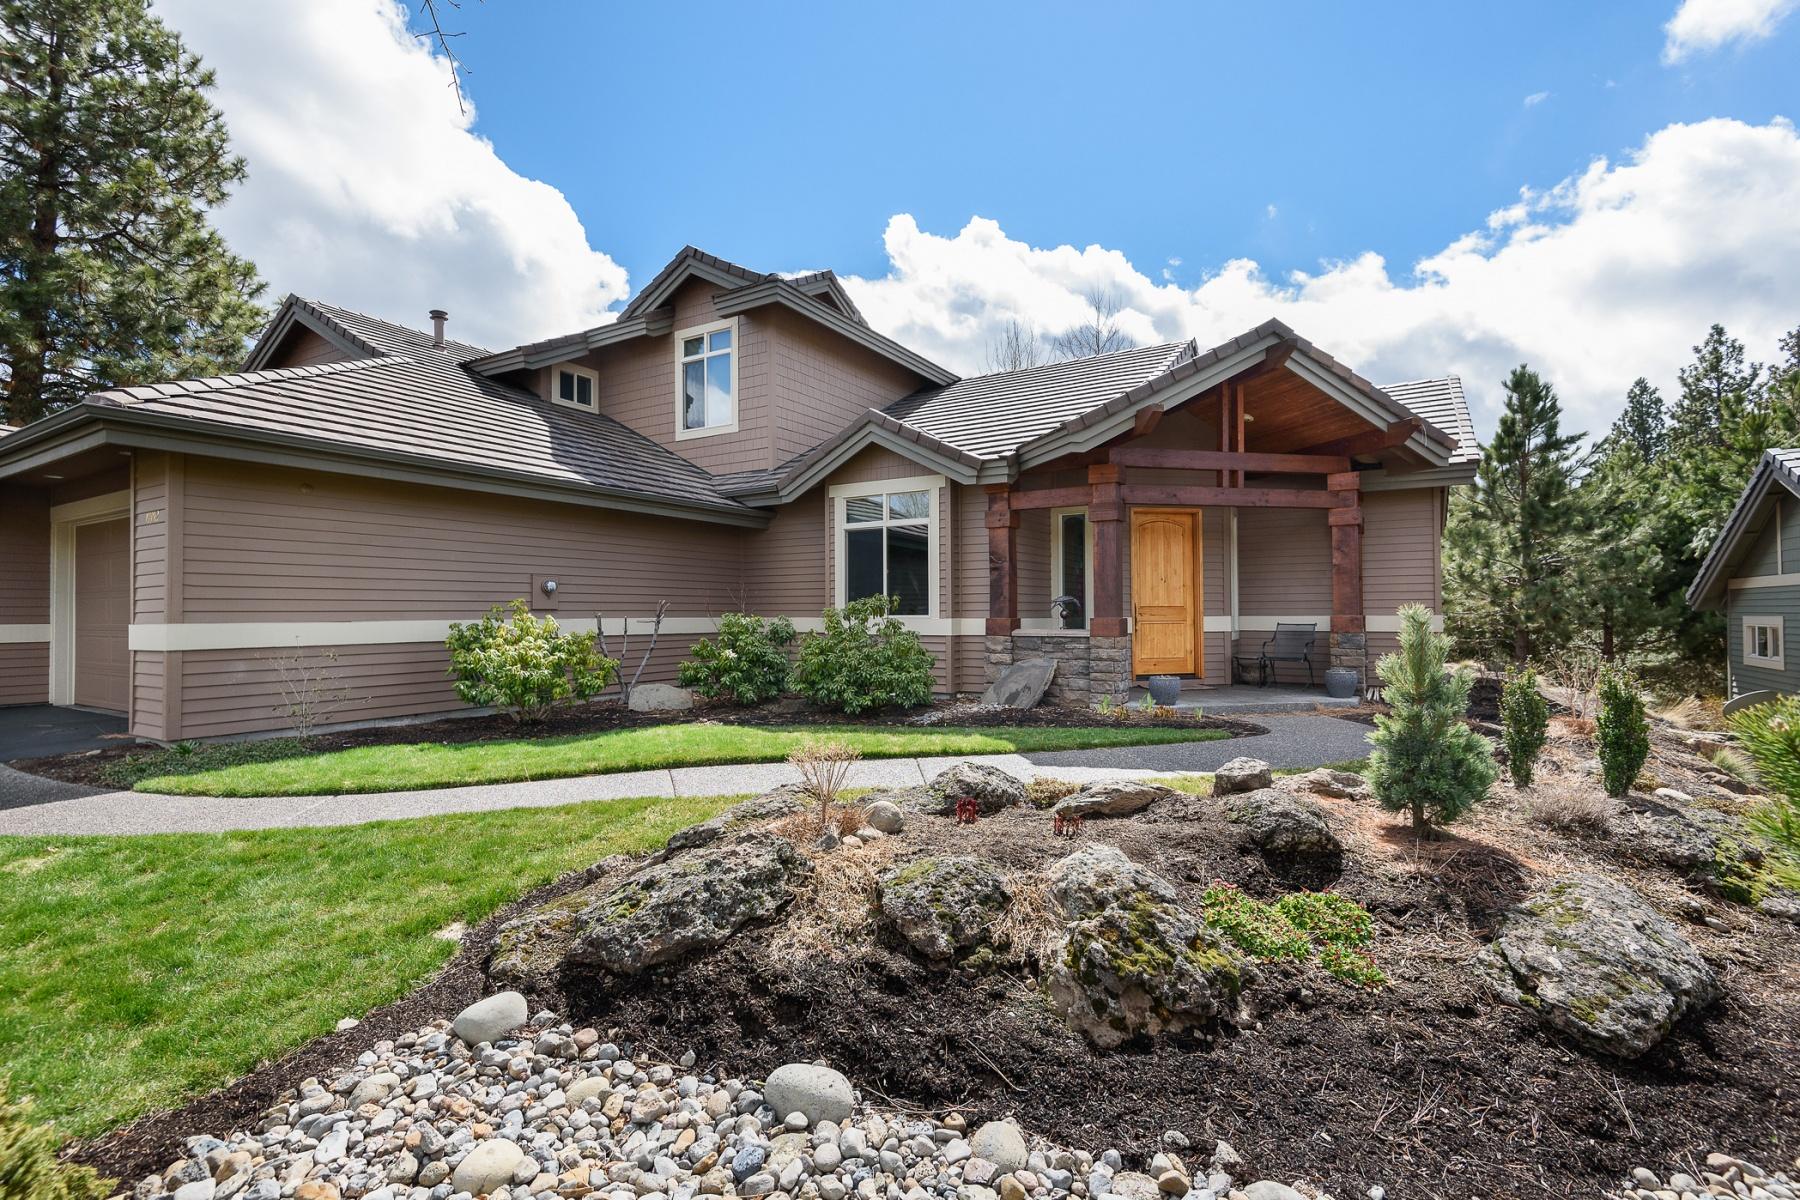 Stadthaus für Verkauf beim Extraodariny Home 19492 Ironwood Cir Bend, Oregon, 97702 Vereinigte Staaten